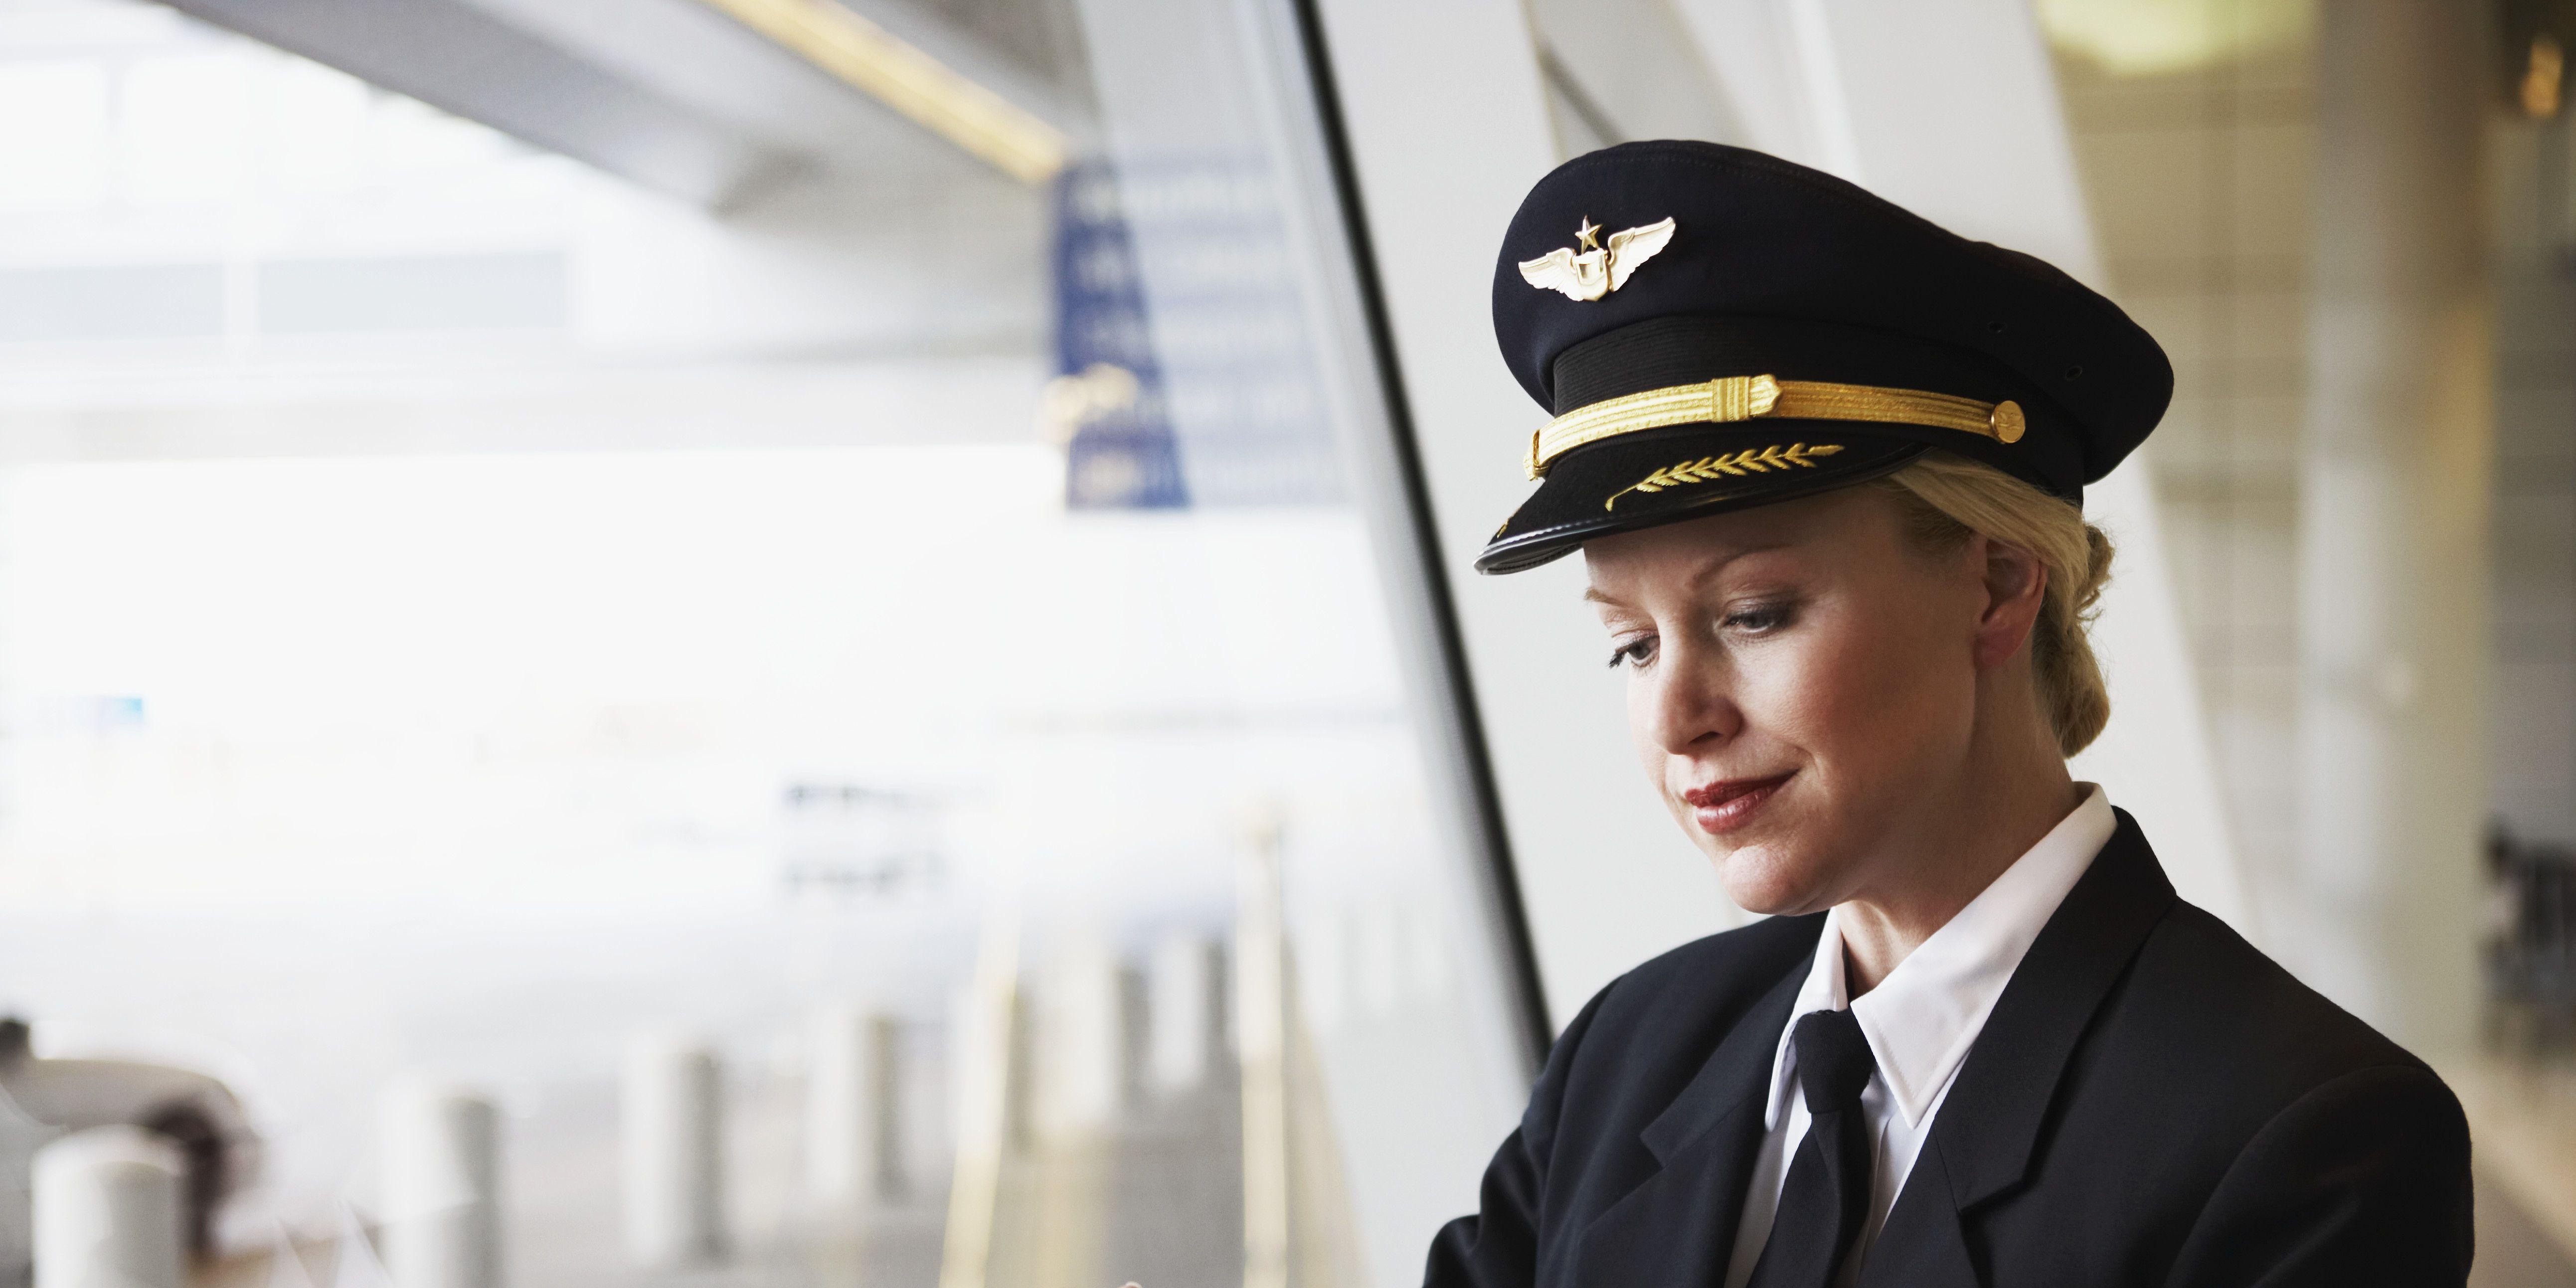 'How I got my job as a pilot'